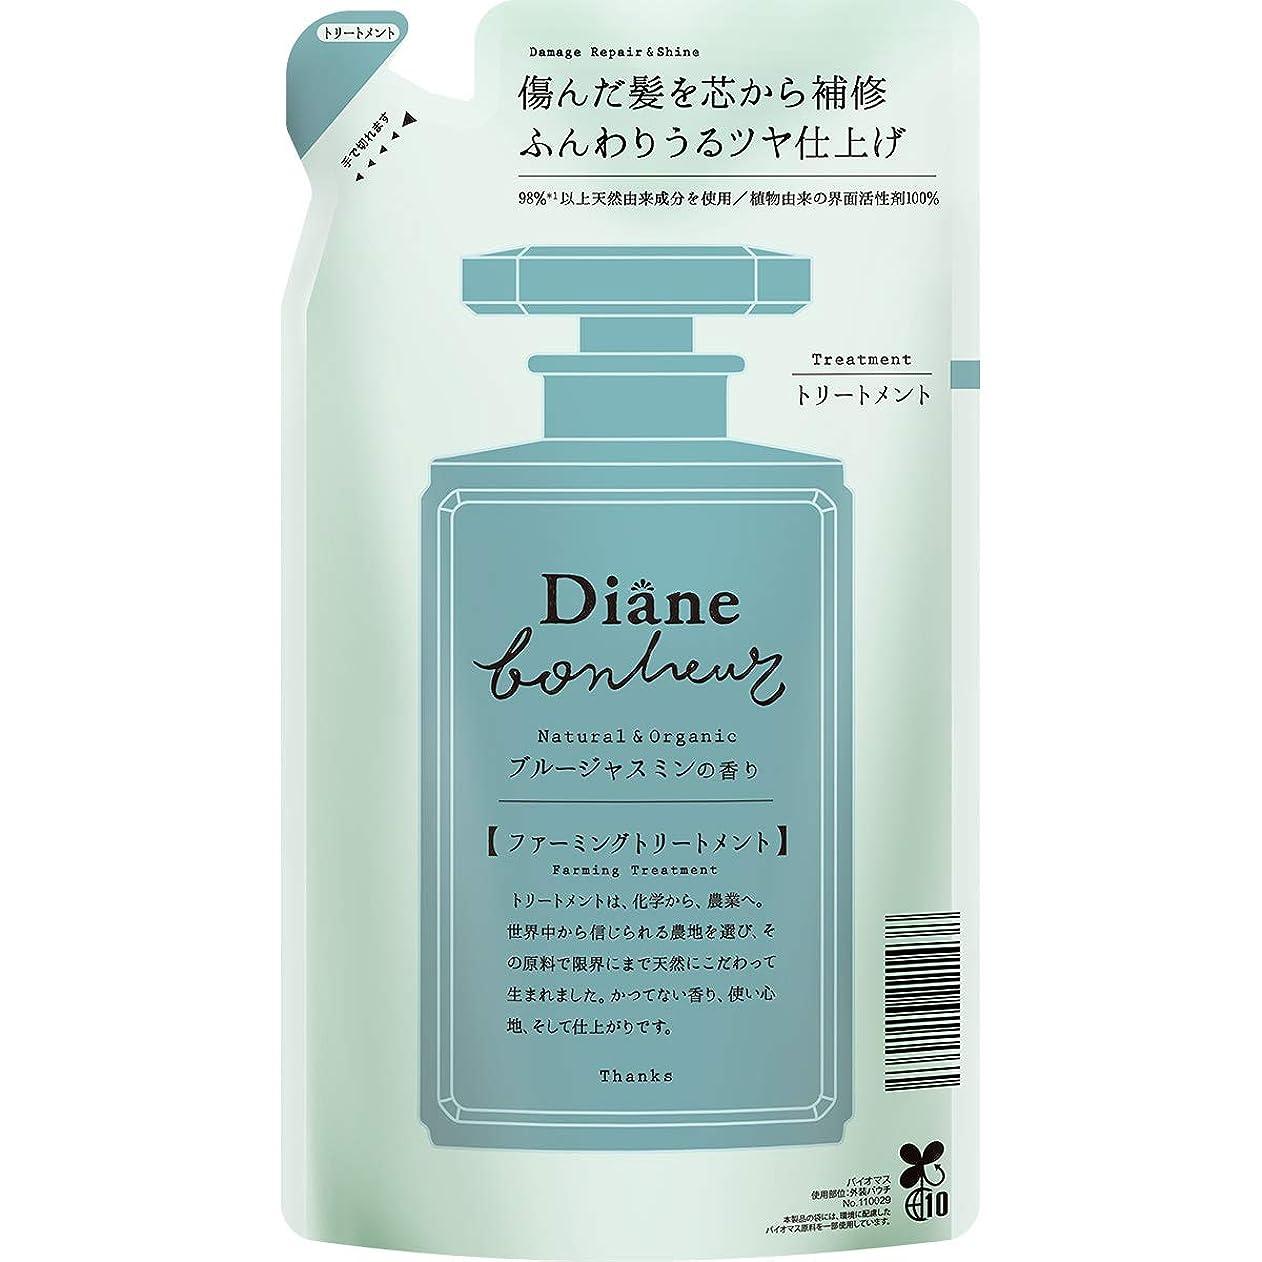 注ぎます爬虫類化学者ダイアン ボヌール トリートメント ブルージャスミンの香り ダメージリペア&シャイン 詰め替え 400ml